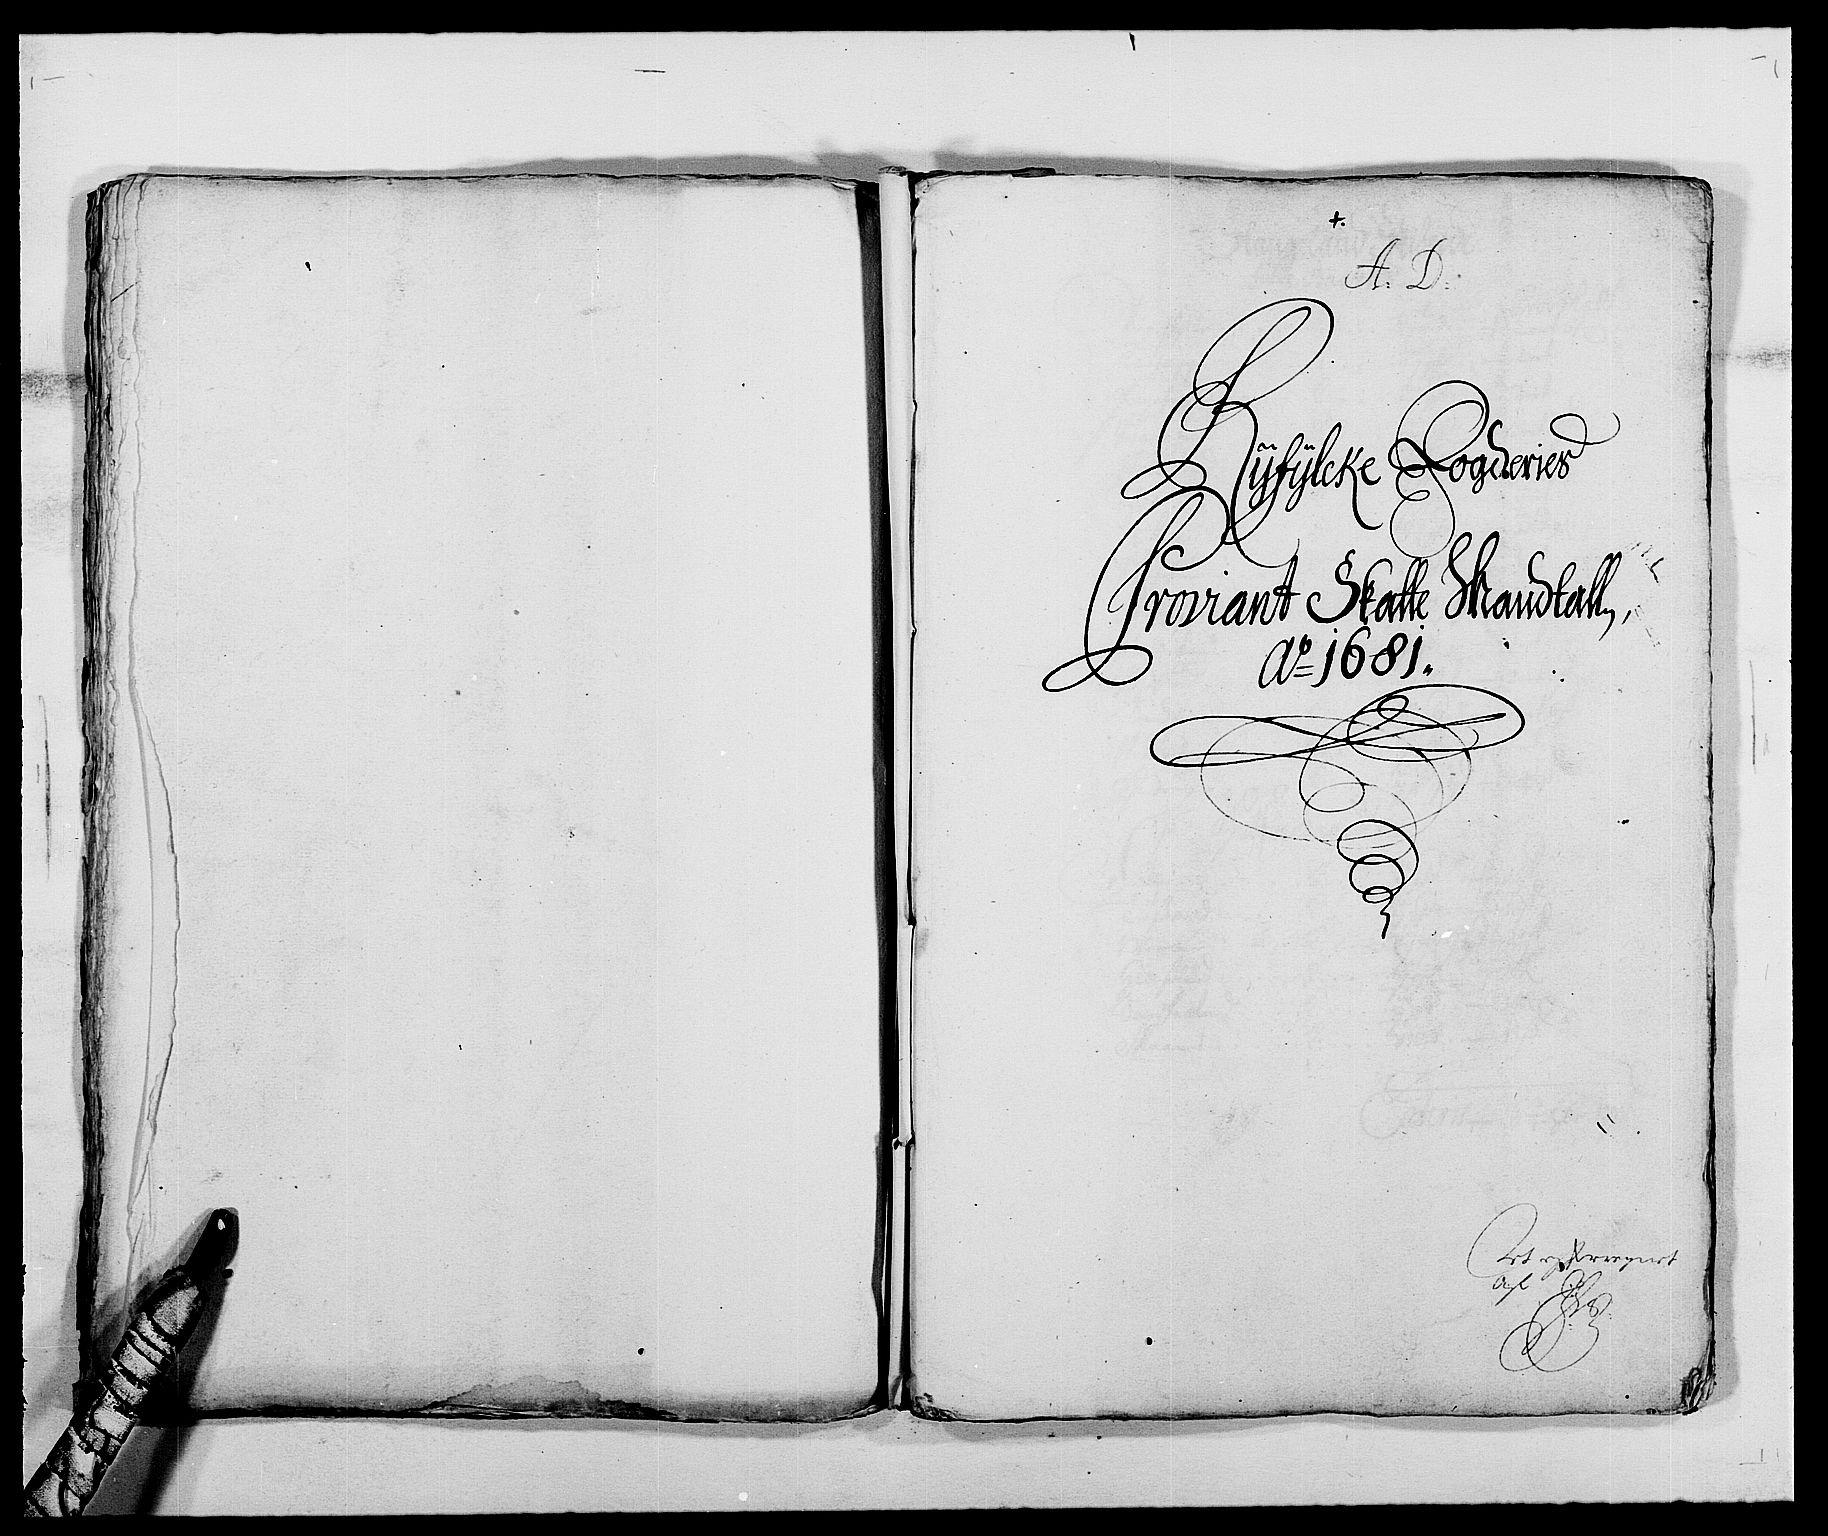 RA, Rentekammeret inntil 1814, Reviderte regnskaper, Fogderegnskap, R47/L2852: Fogderegnskap Ryfylke, 1681, s. 72